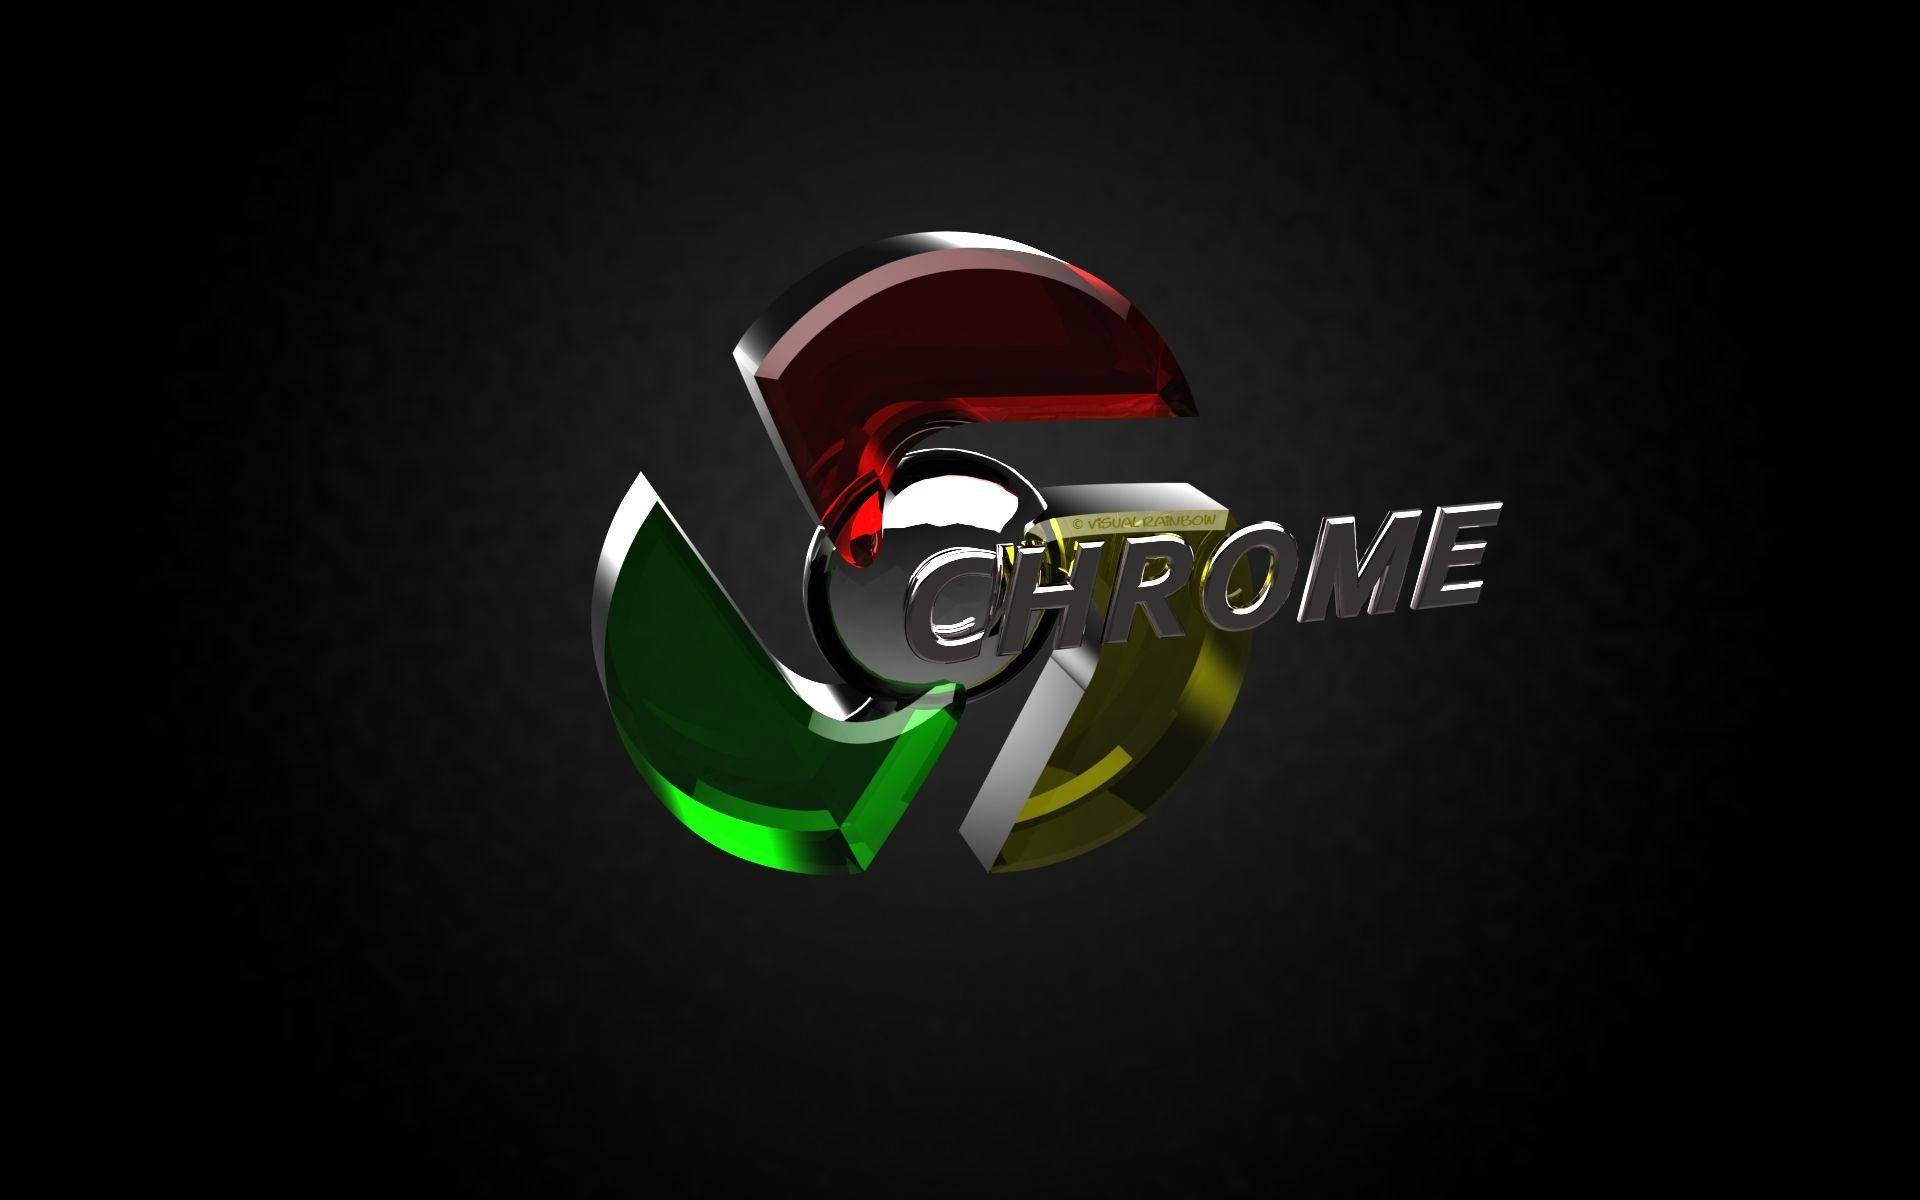 3d Google Chrome Logo Animated Black Wallpaper Desktop 283899 Wallpaper Chrome Wallpaper Google Chrome Wallpaper Chrome Background